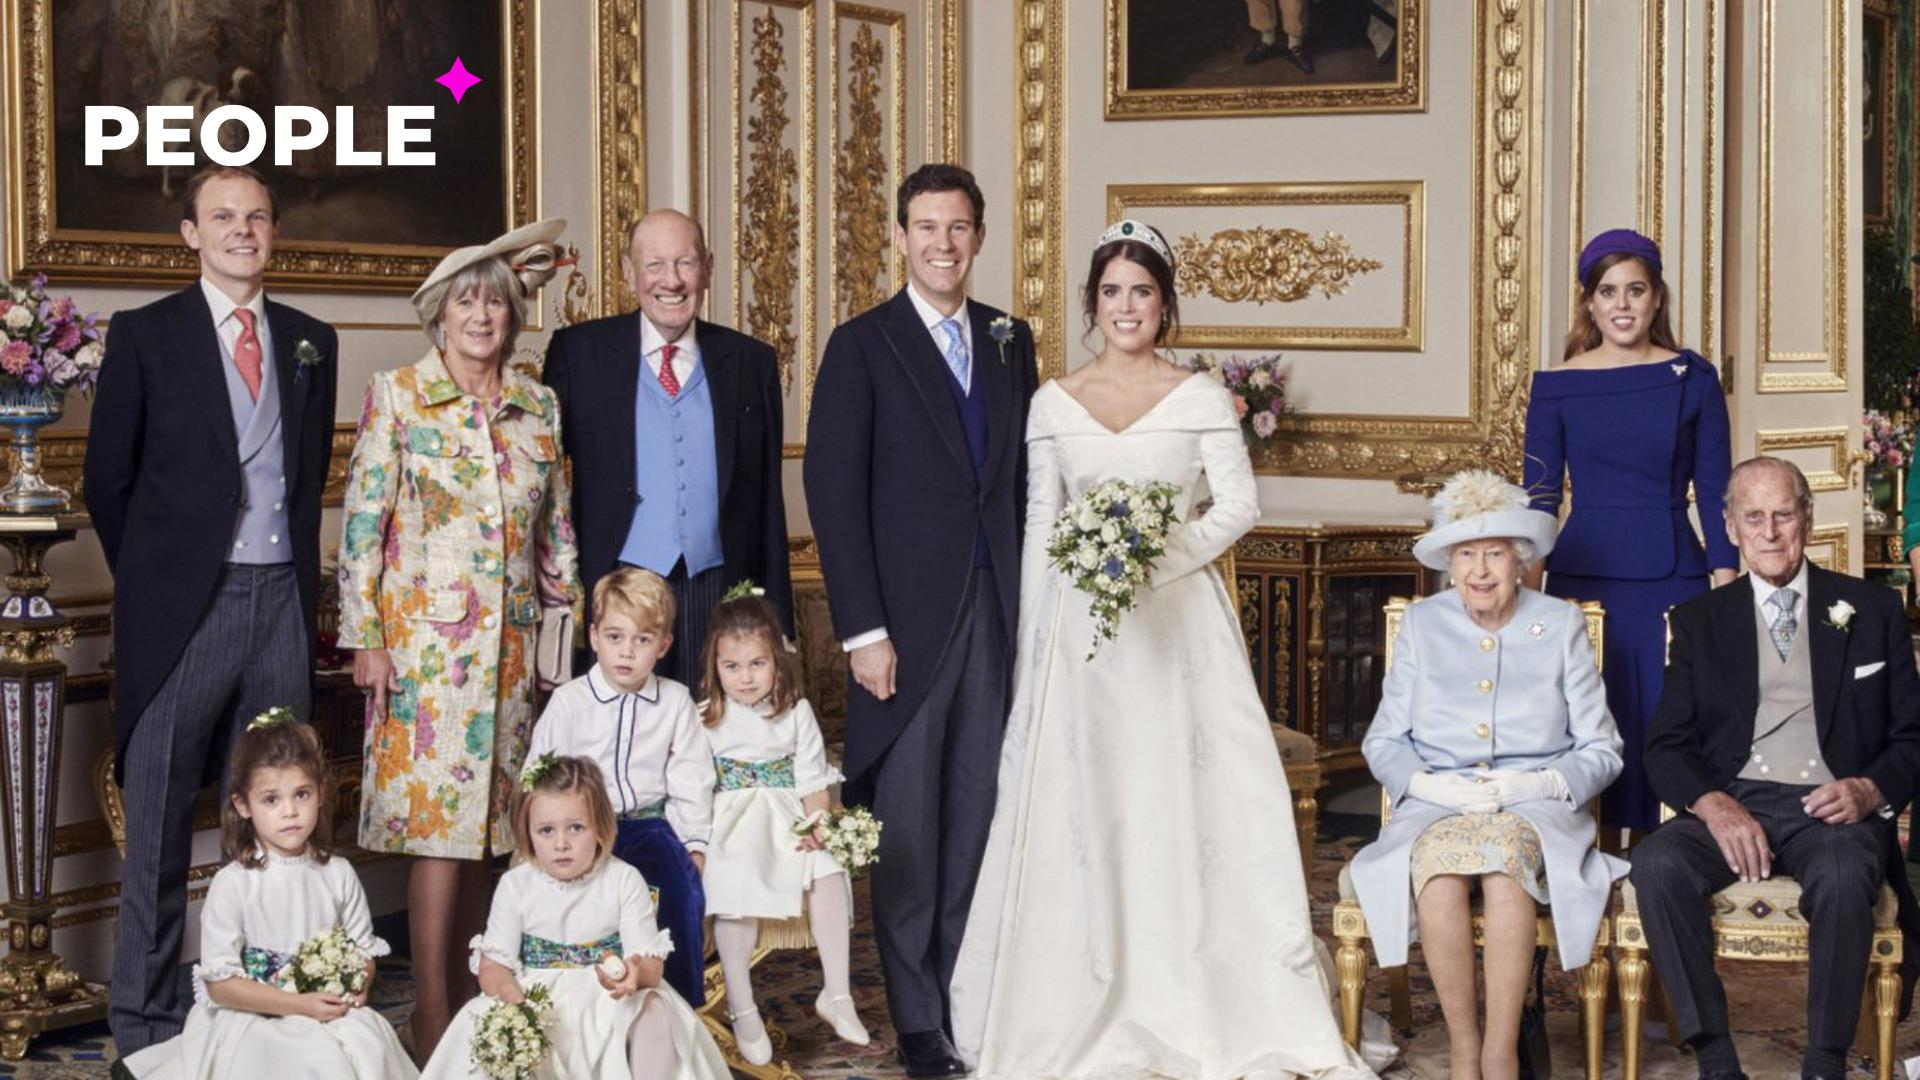 Женатый член королевской семьи был замечен в окружении моделей на яхте